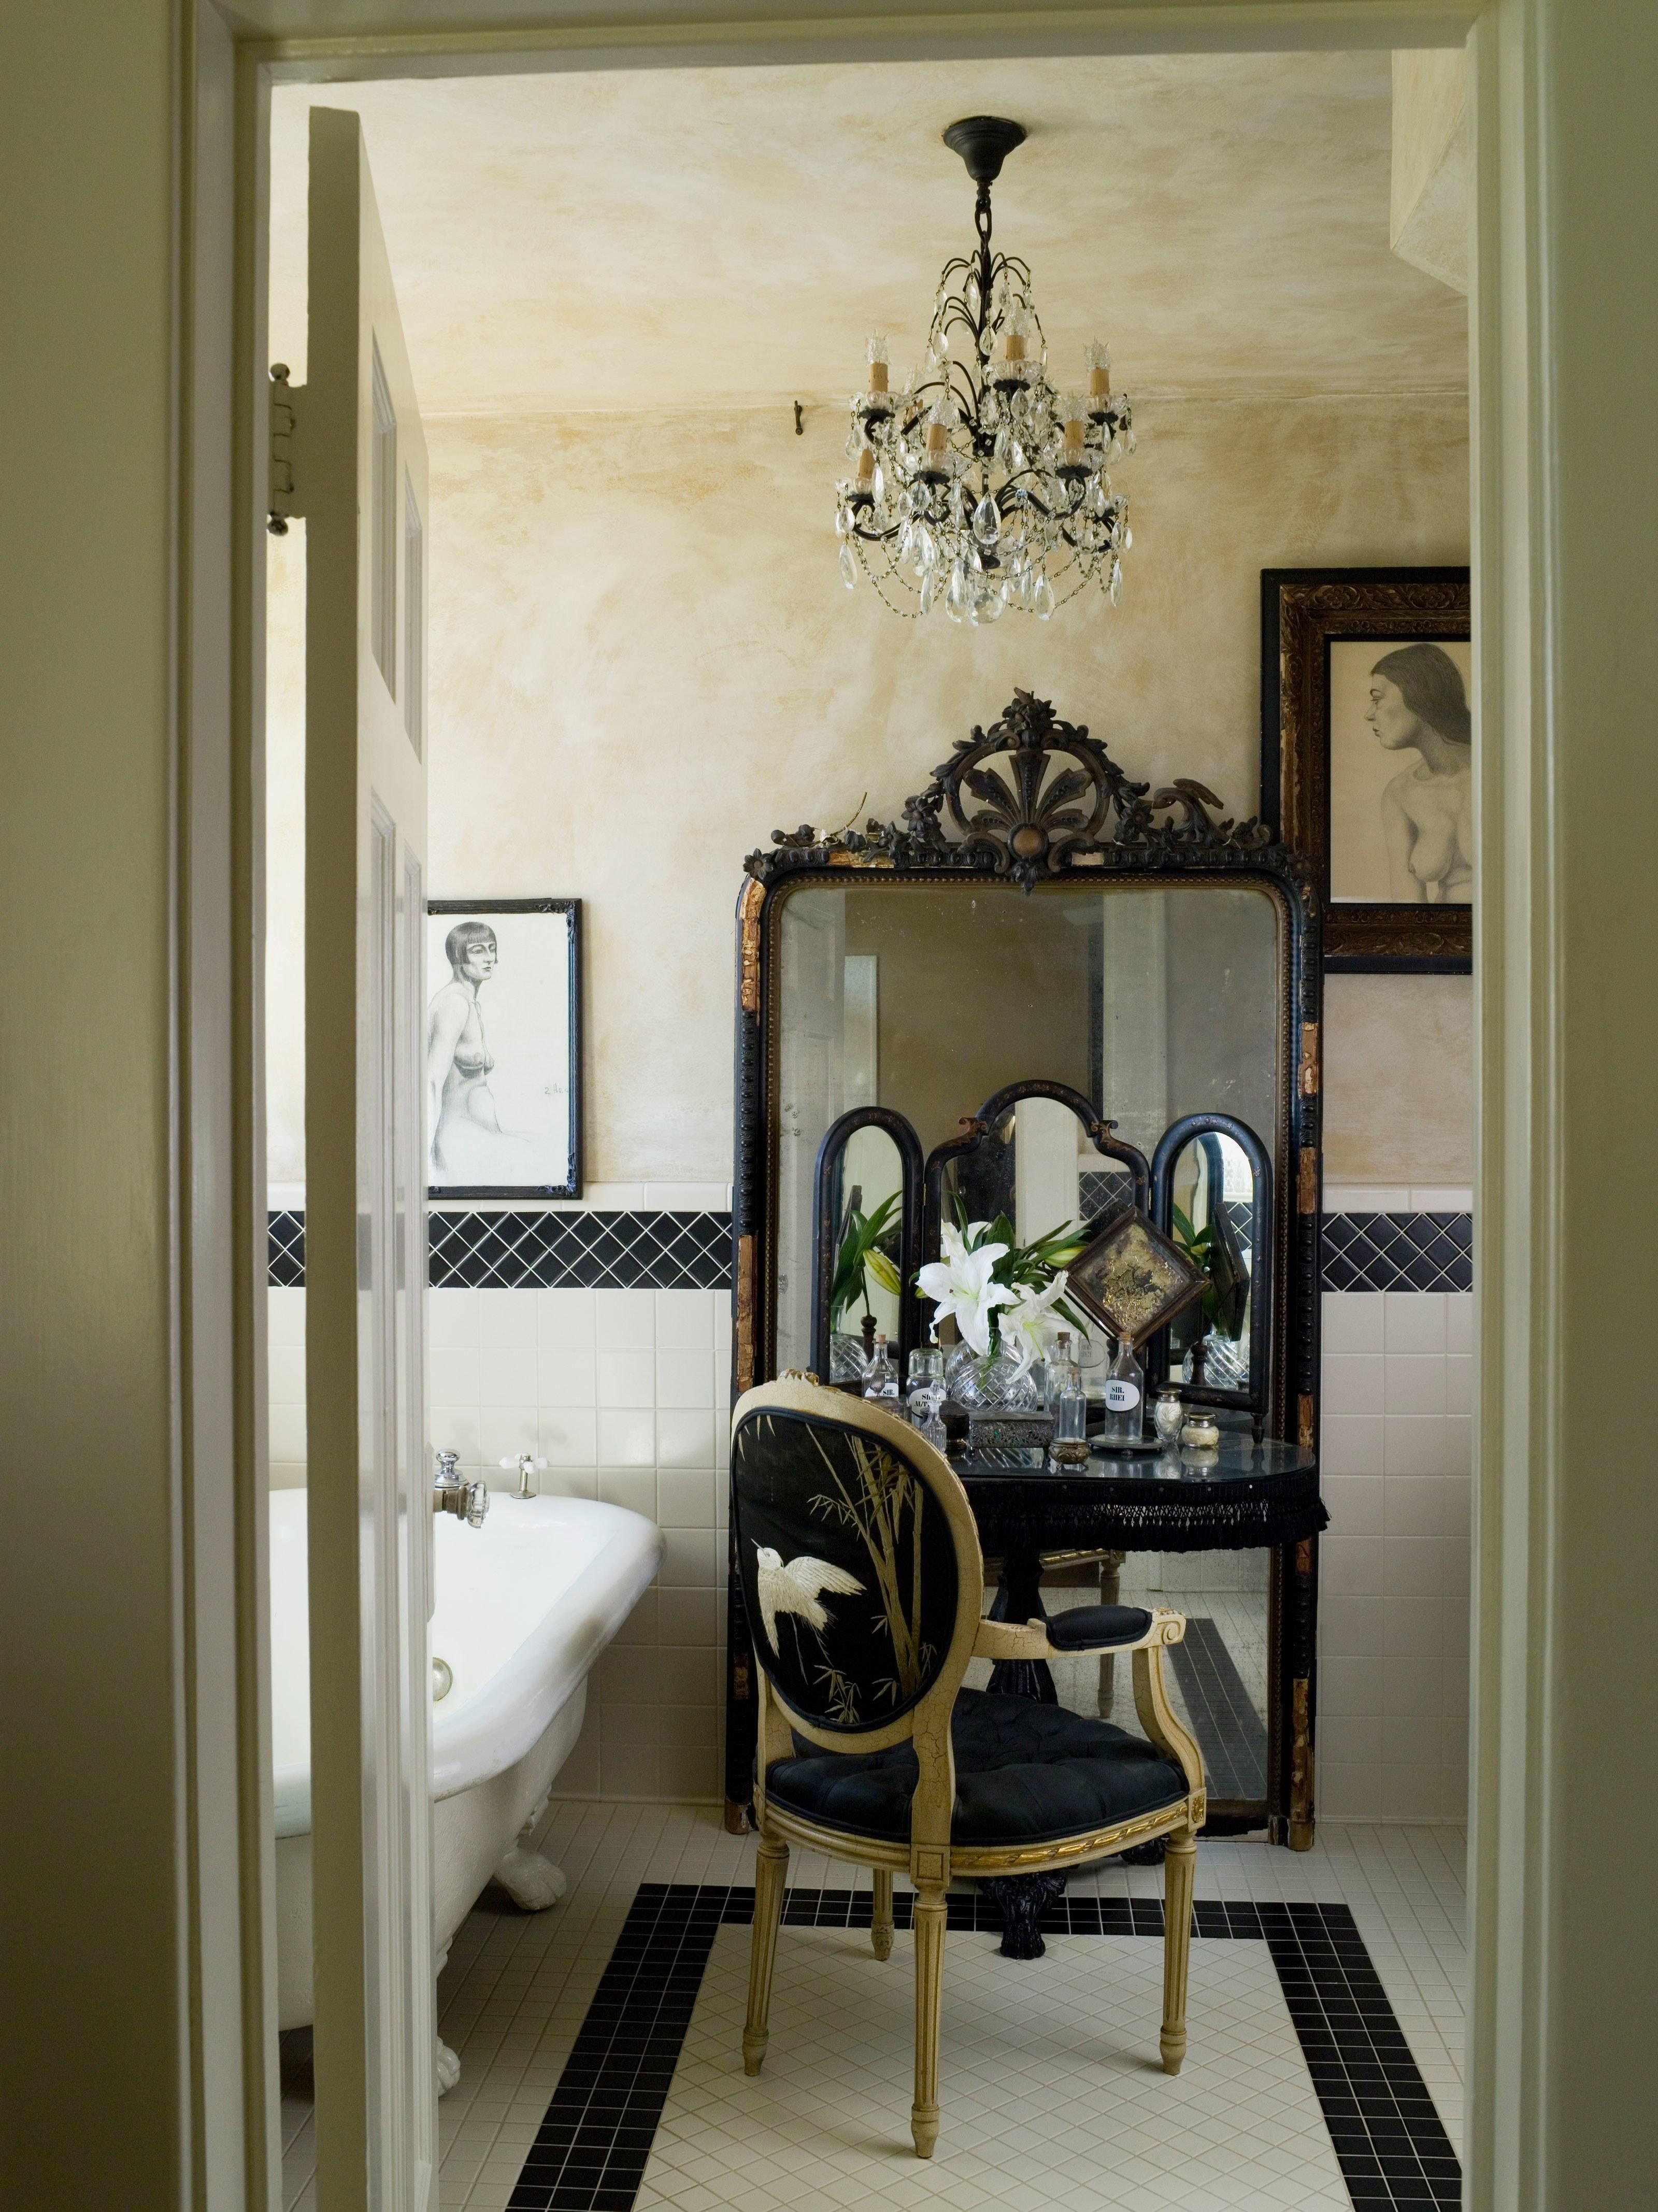 banheiro-frances-com-penteadeira-e-grande-espelho-no-chao